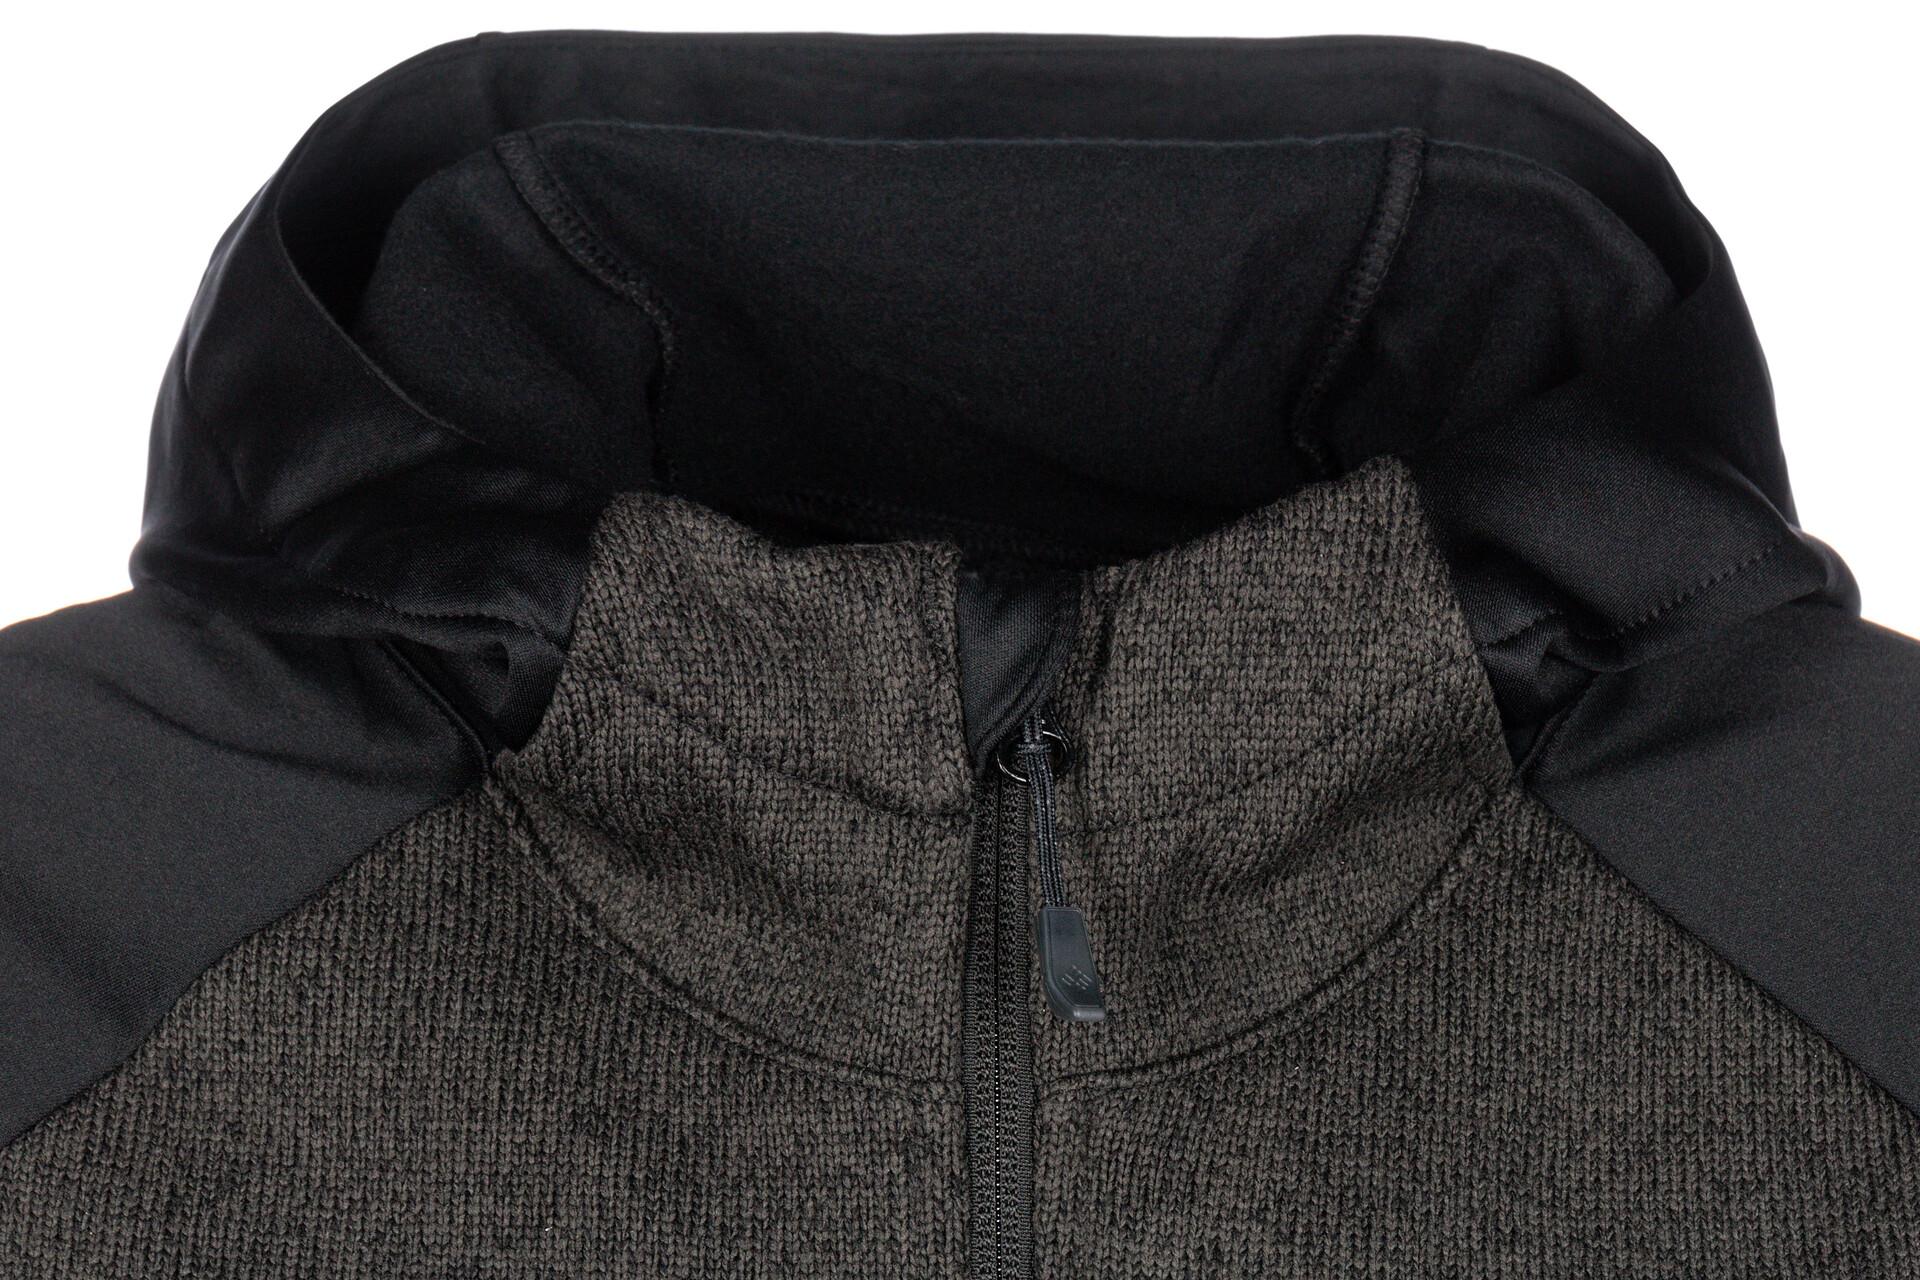 Columbia Altitude Aspect Veste à capuche Polaire Hybride Homme, black